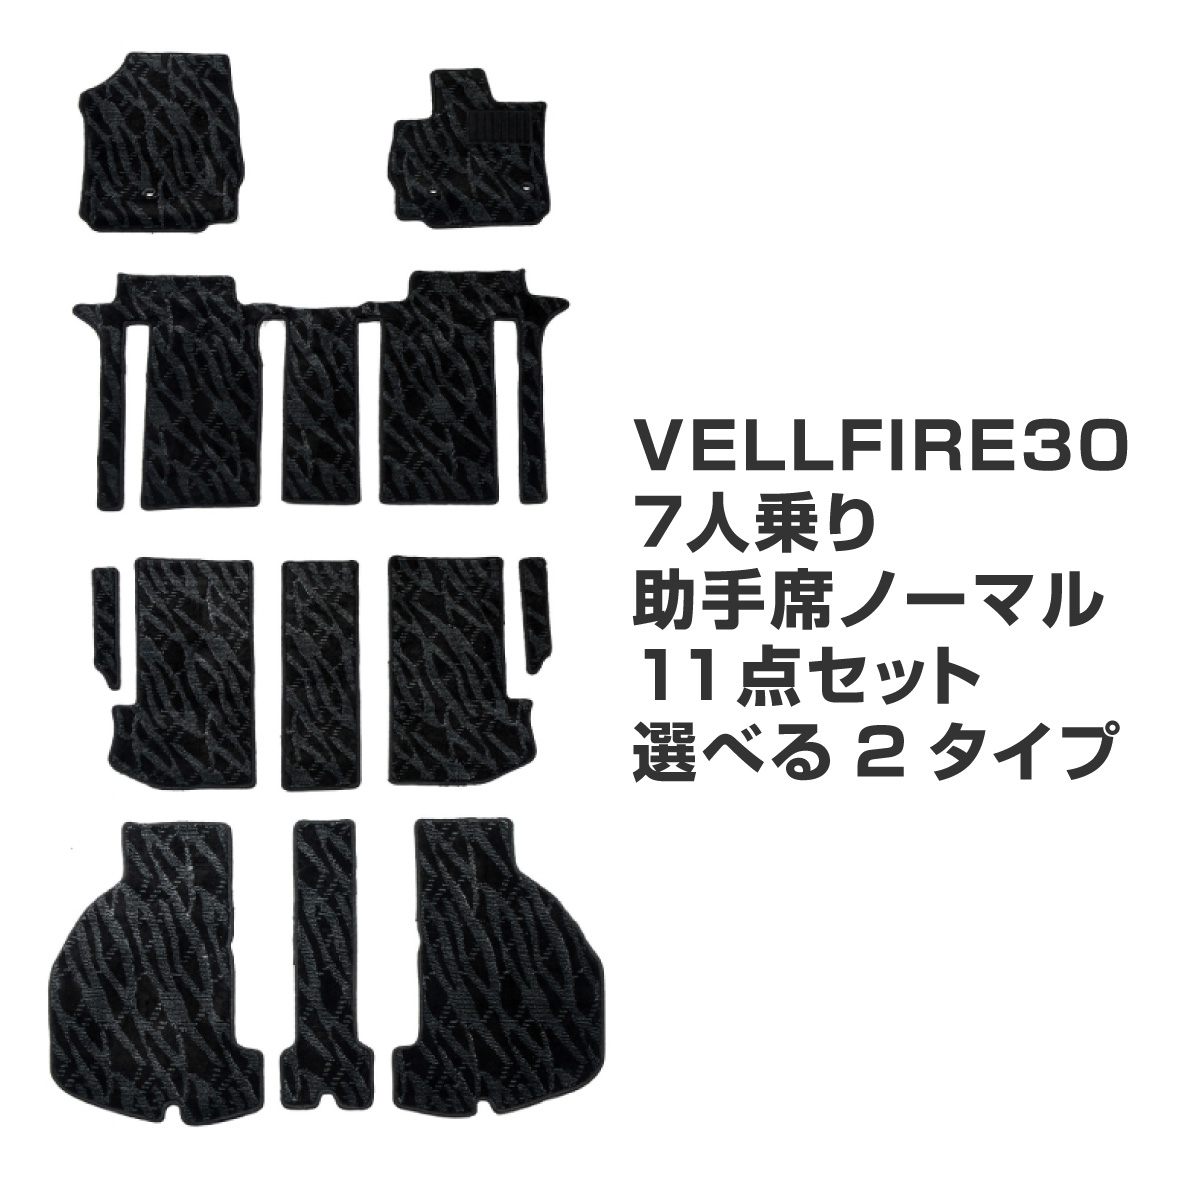 ヴェルファイア 30系 フロアマット ブラック ブラック グレー柄 新型 7人乗り 11pcs フロント セカンド サード ラゲッジ 内装 パーツ フロアーマット 黒系 @a535v